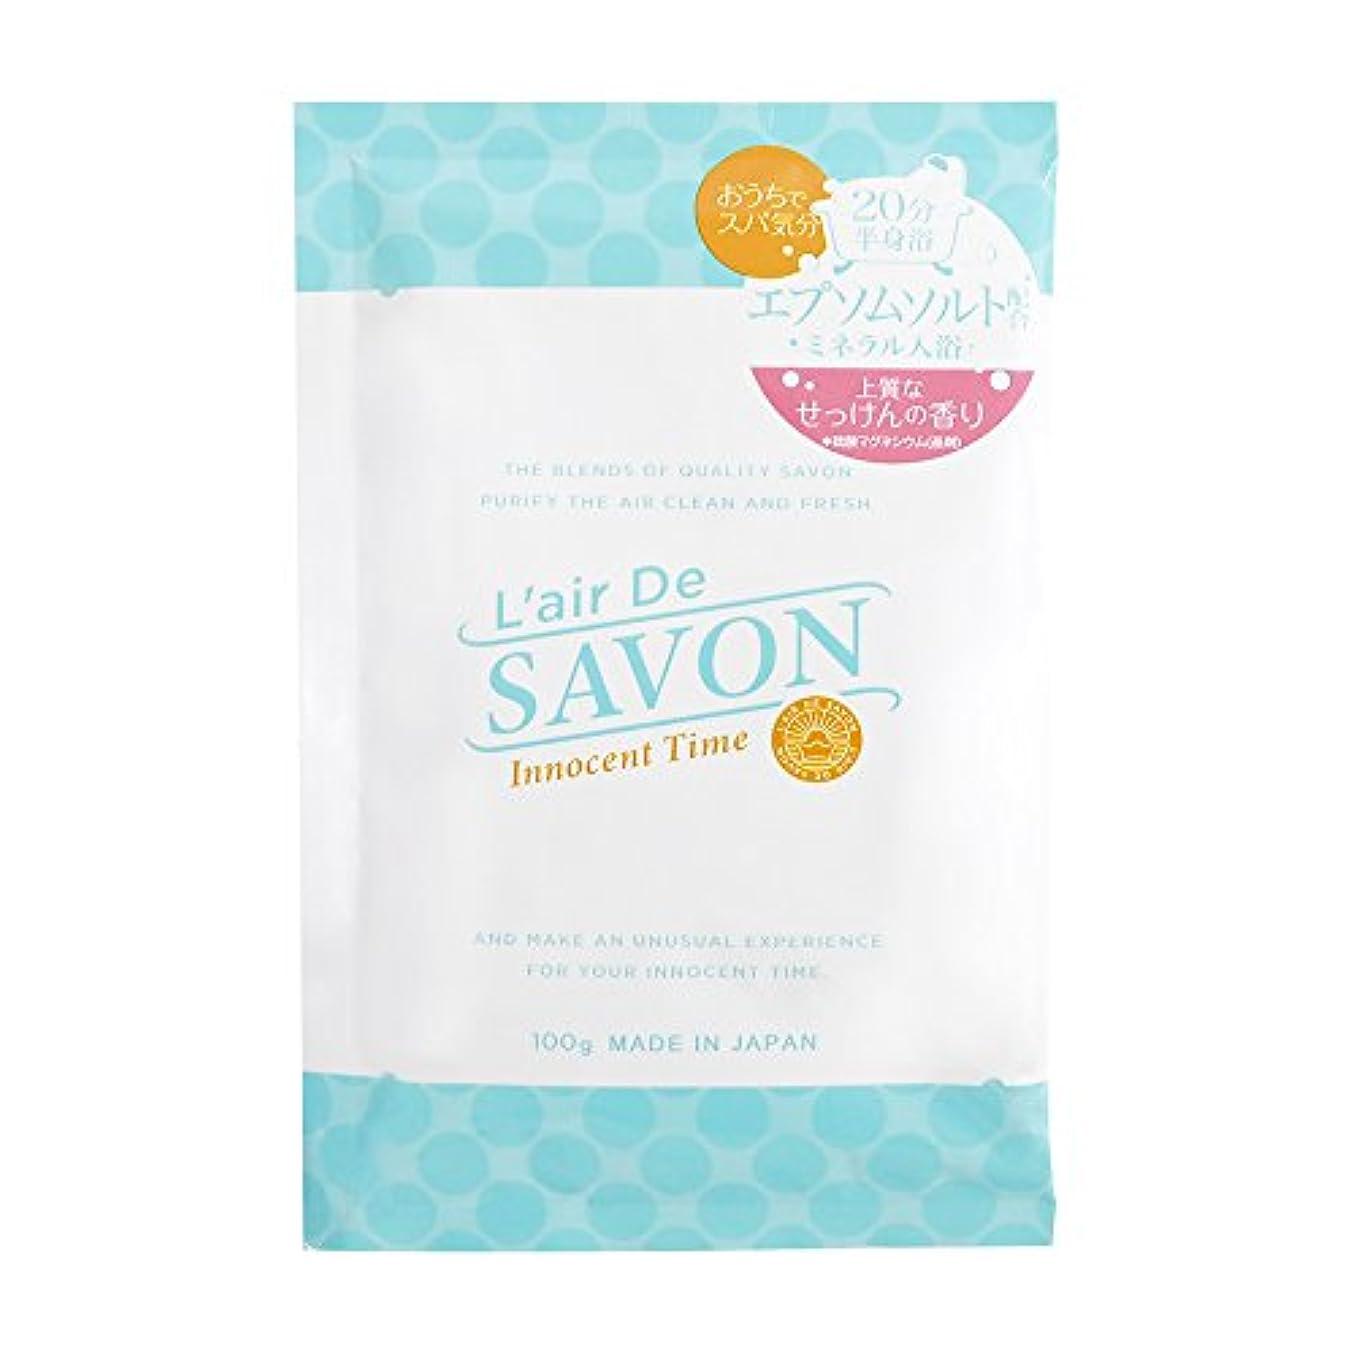 風味どちらかヤングL`air De SAVON(レール デュ サボン)シルキーバスパウダー(イノセントタイム)